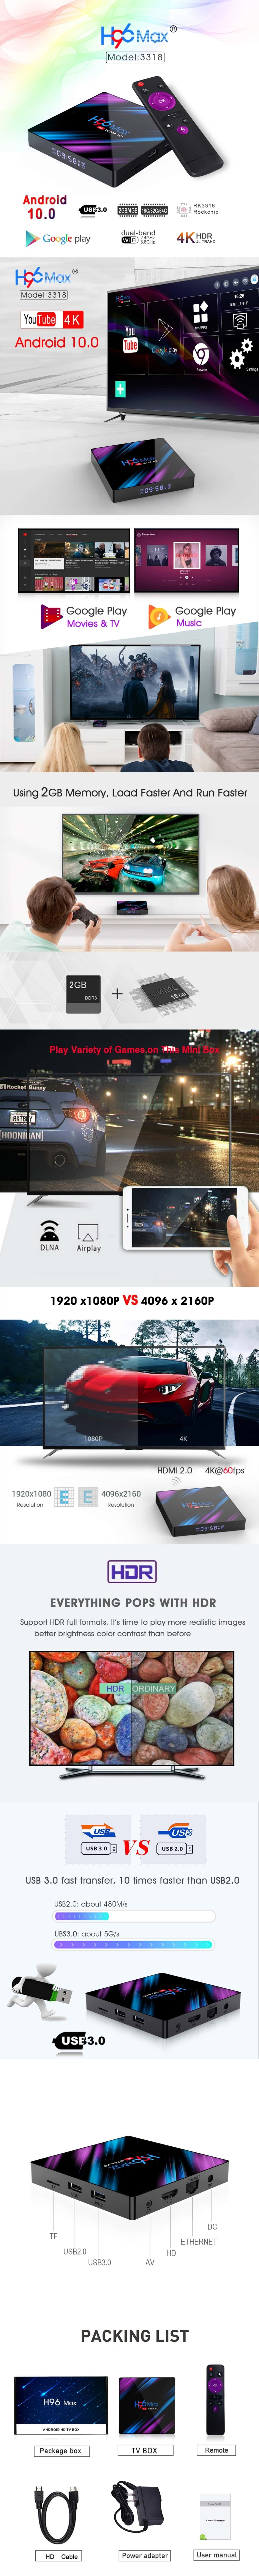 H96-MAX-RK3318-Android-10-2GB99adbc2090c486db.jpg